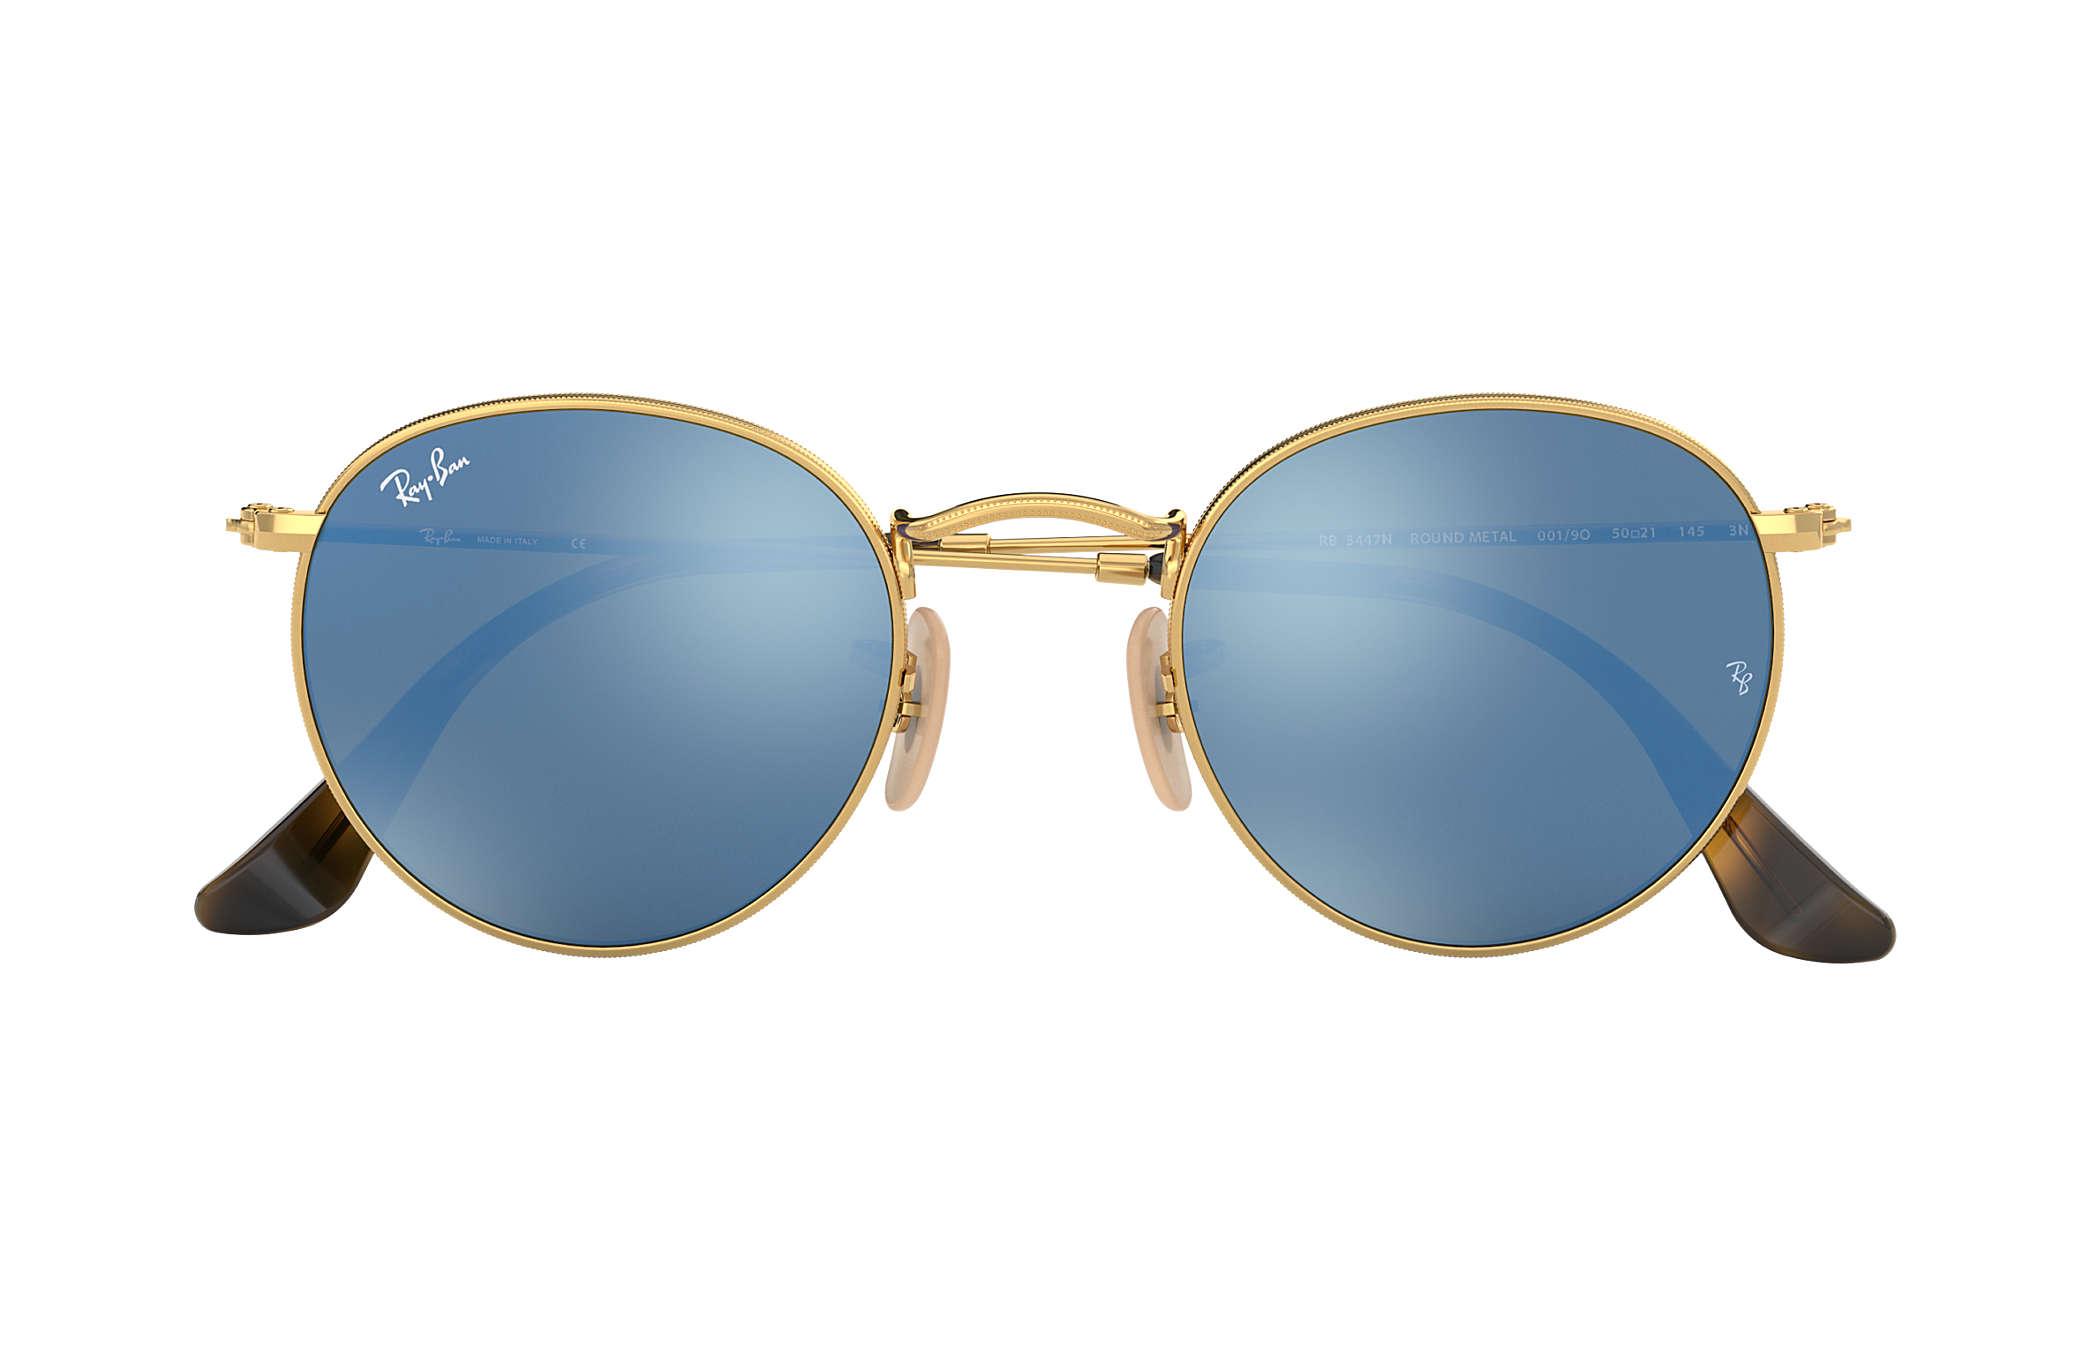 c9d4c284e9 Ray-Ban Round Flat Lenses RB3447N Gold - Metal - Light Blue Lenses ...